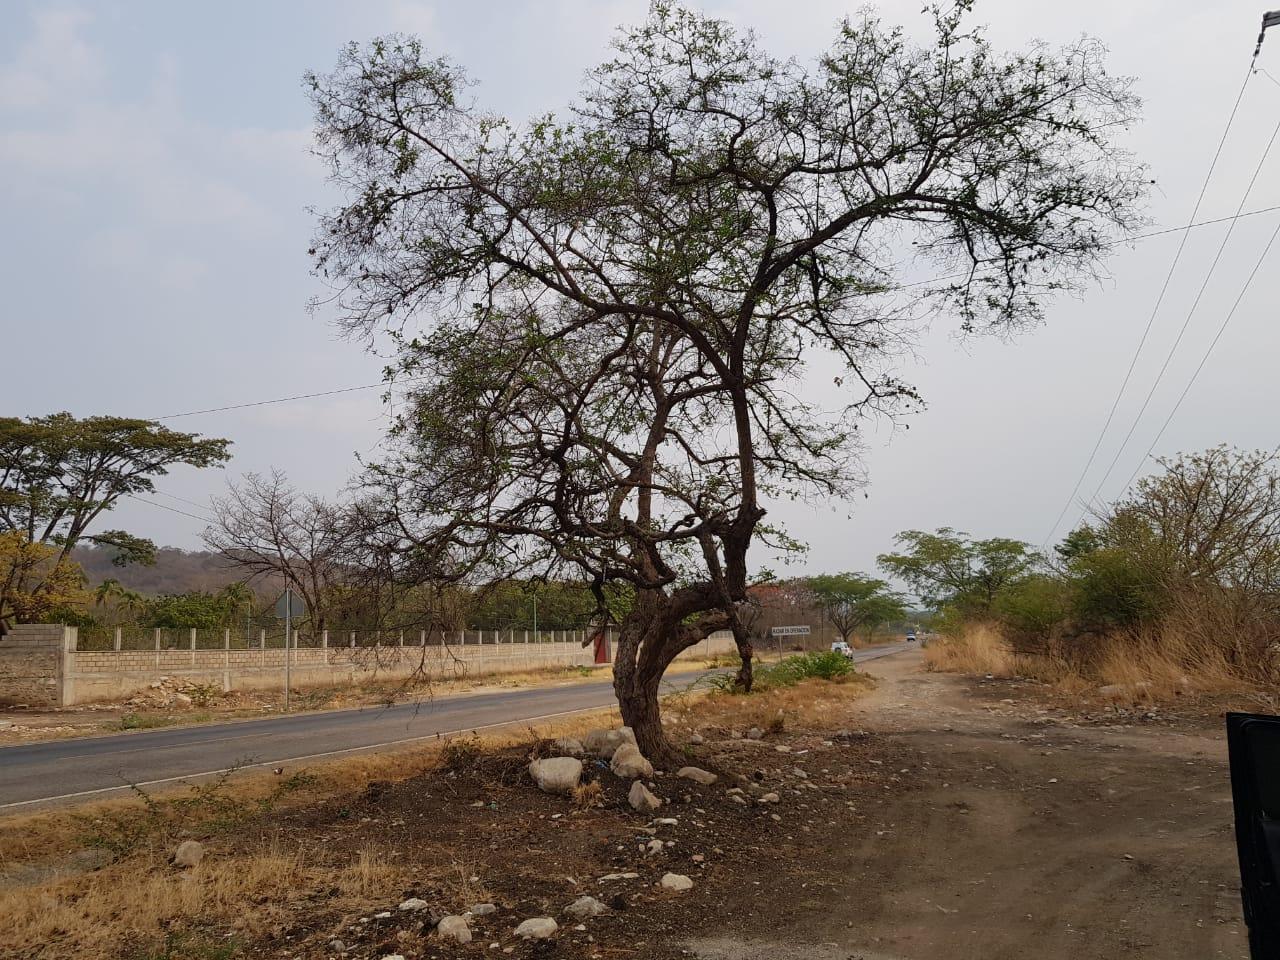 Oportunidad, terreno en esquina y frente a Carretera en Chiapa de Corzo